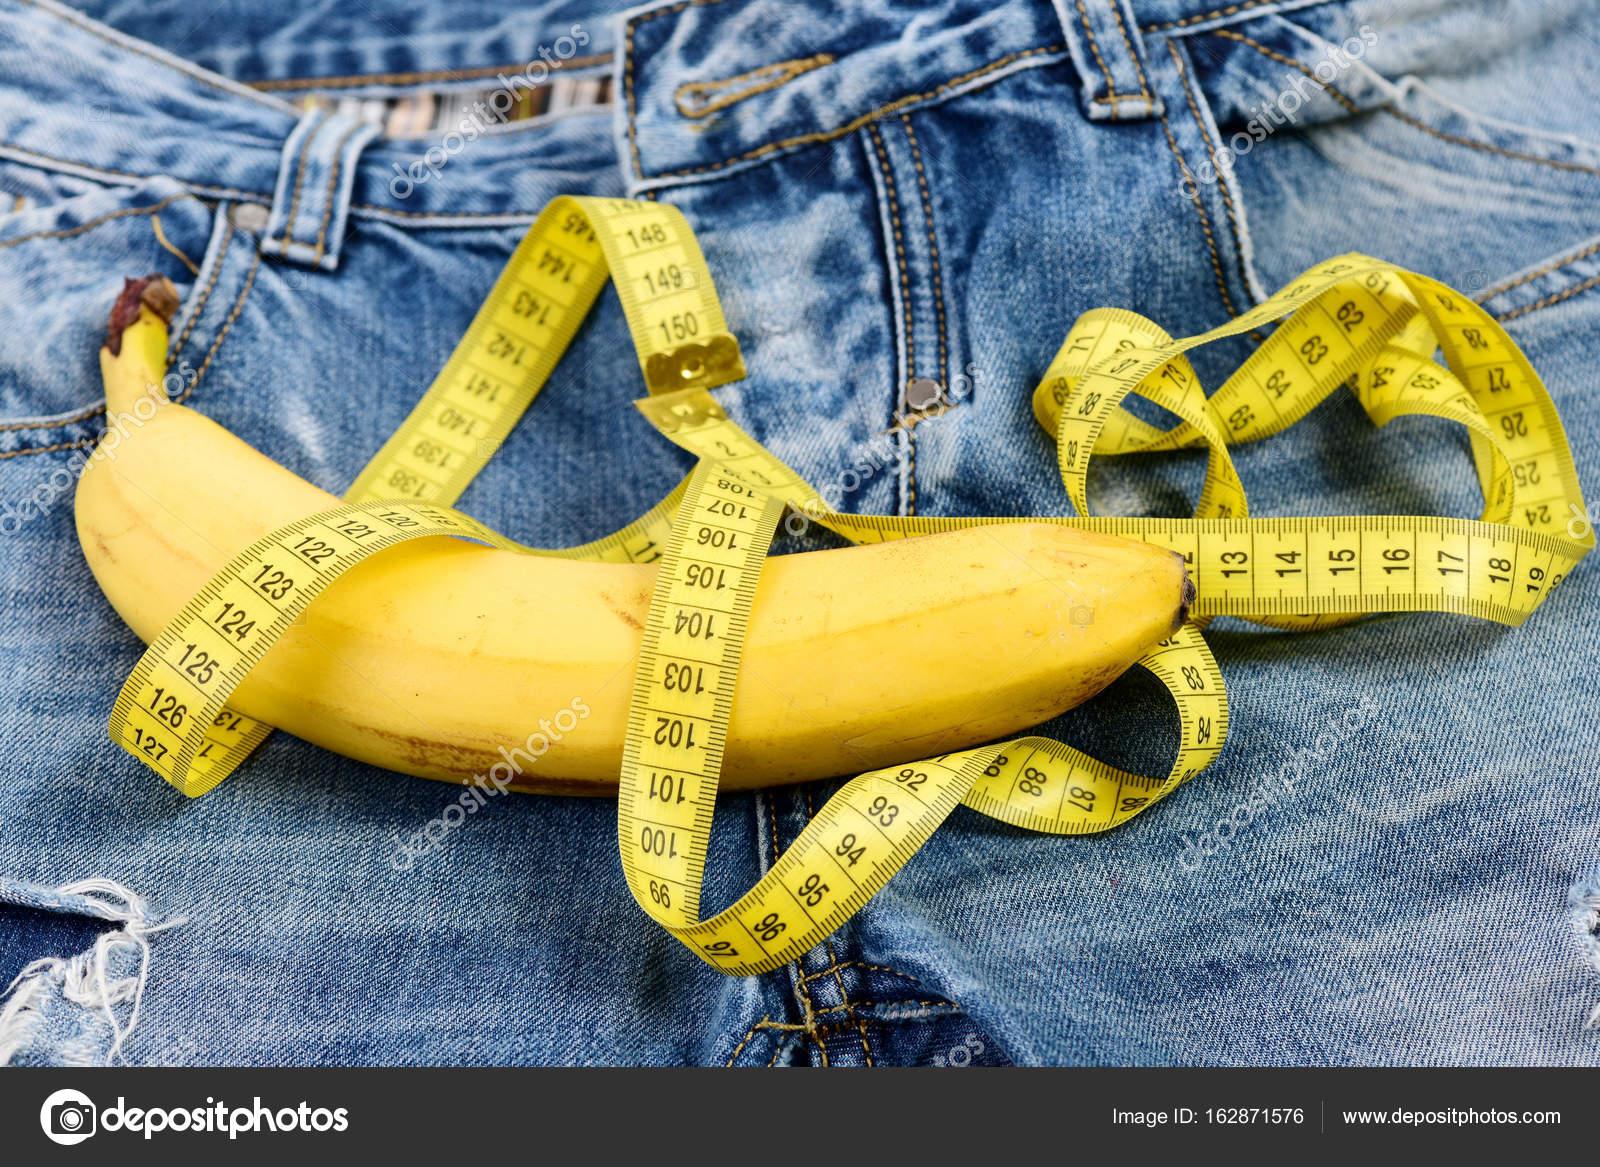 Herren Jeans Hose Schrittgurt mit Banane, die männliche Genitalien ...